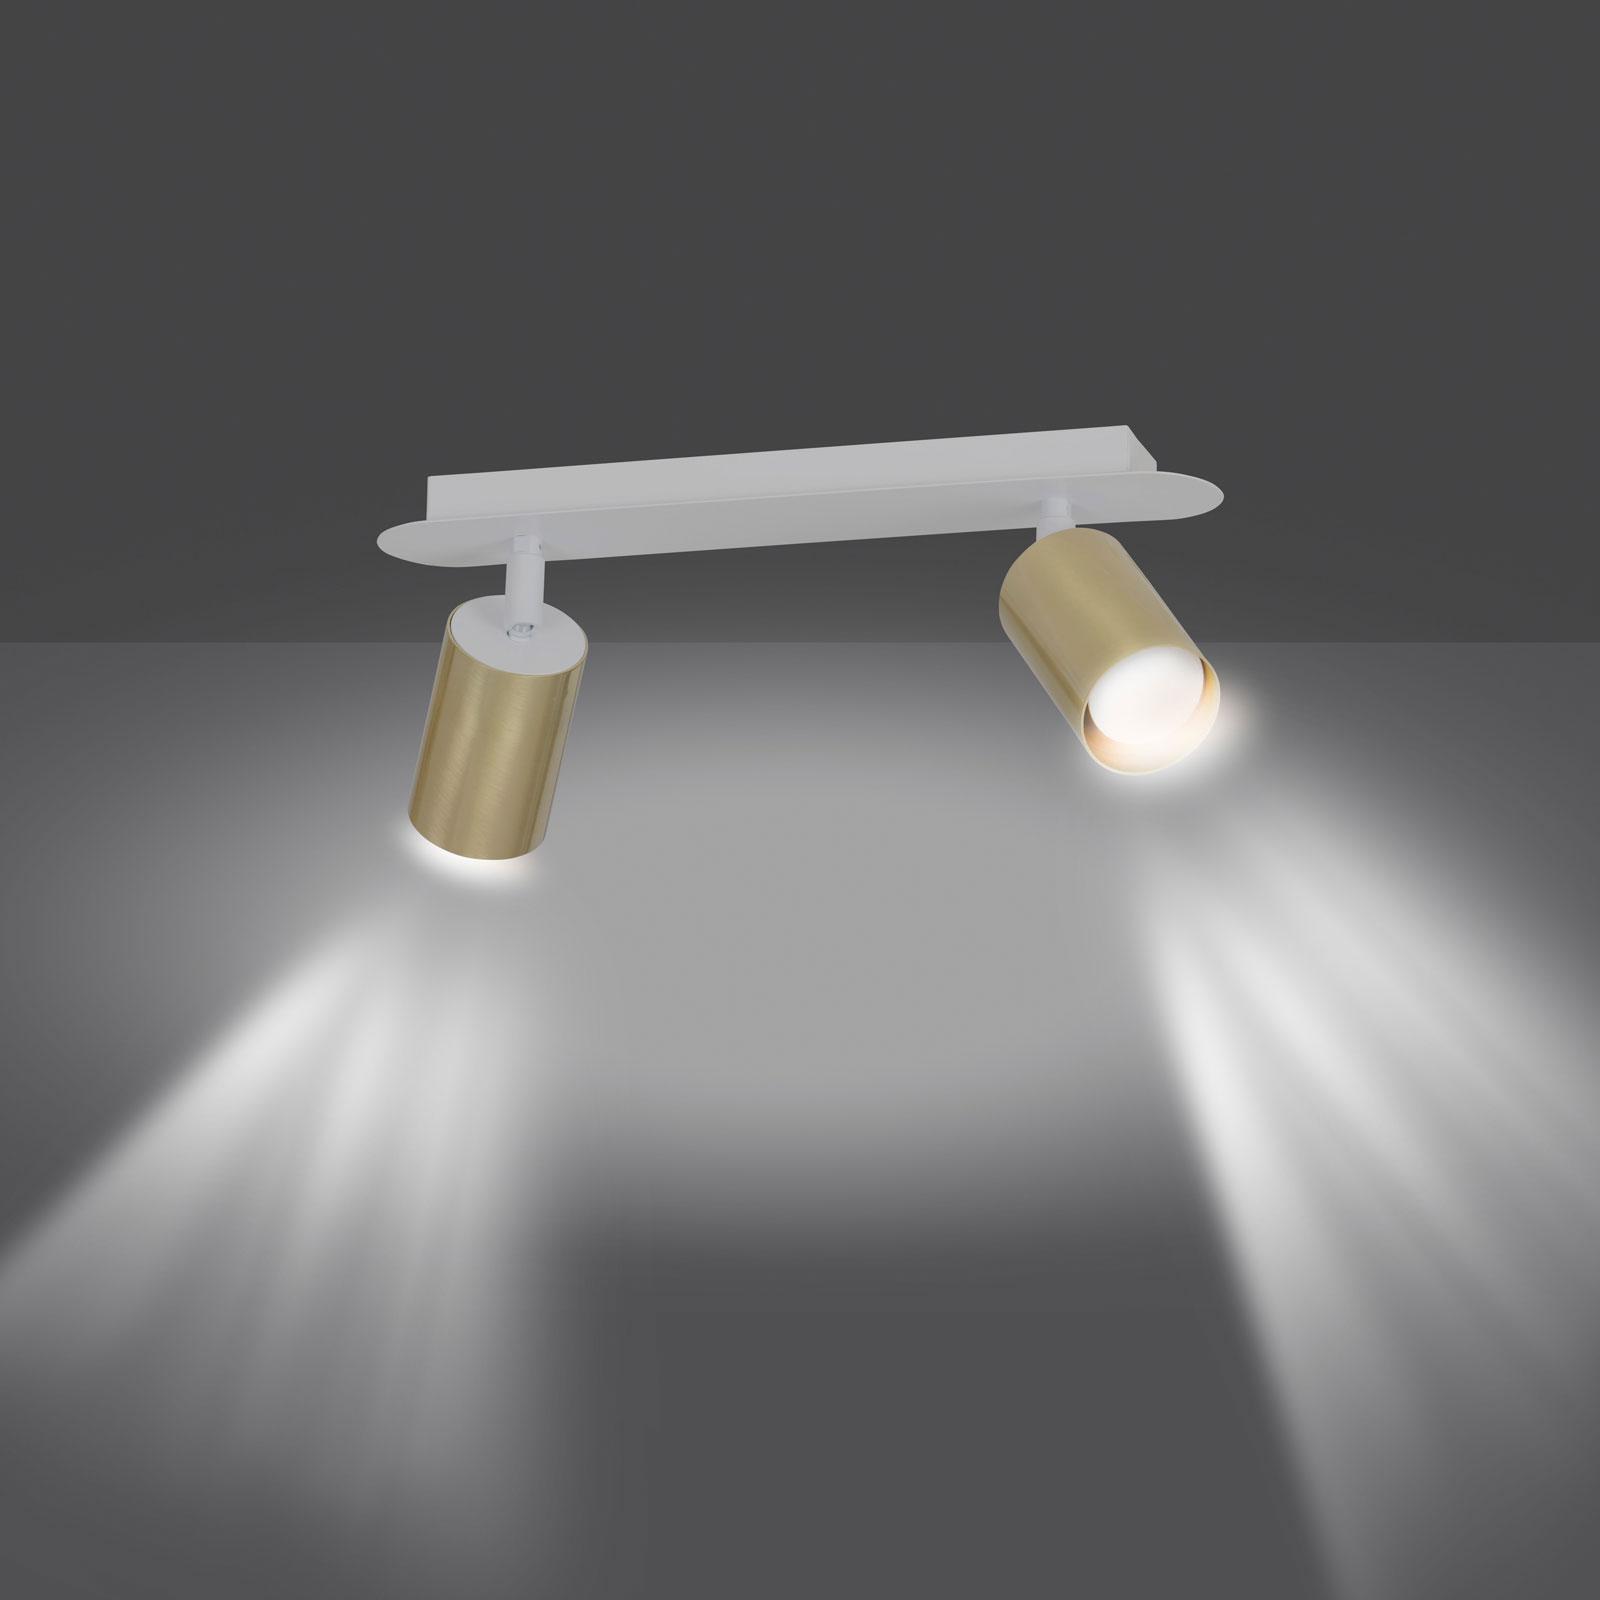 Deckenstrahler Zen 2 mit 2 Spots, weiß-gold